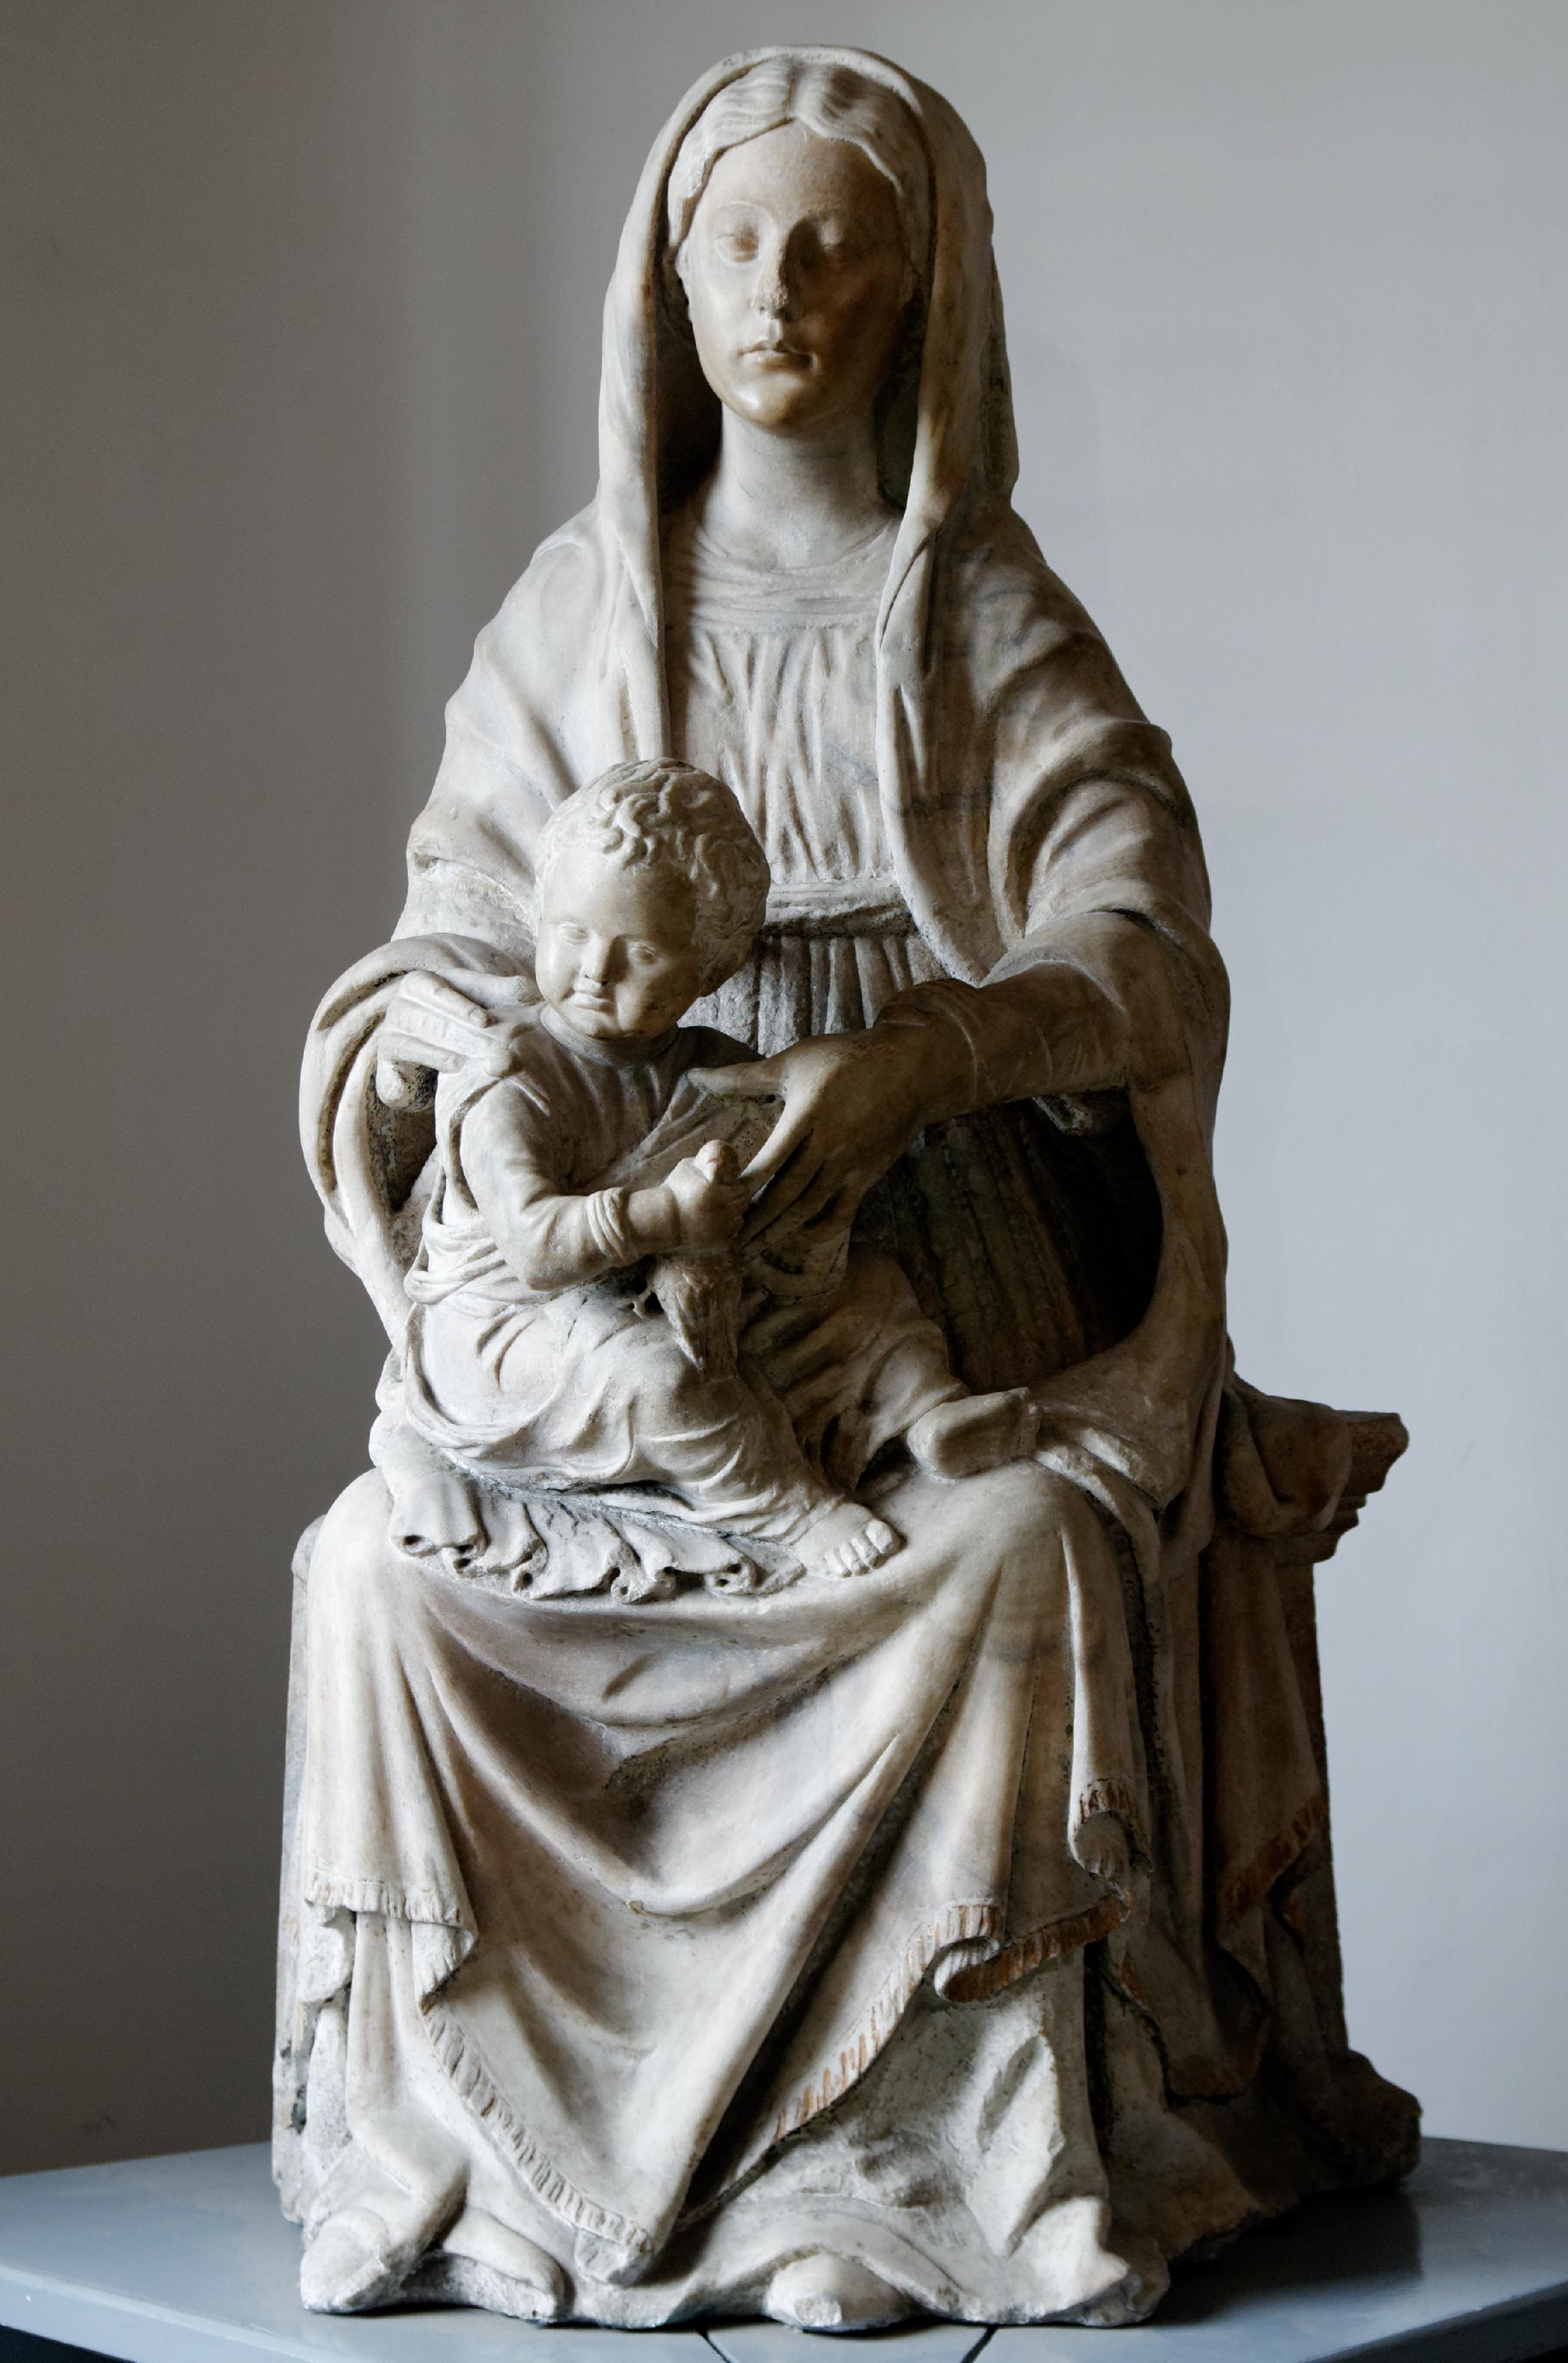 museo civico di castel nuovo - wikipedia - Soggiorno Di Giotto A Napoli 2